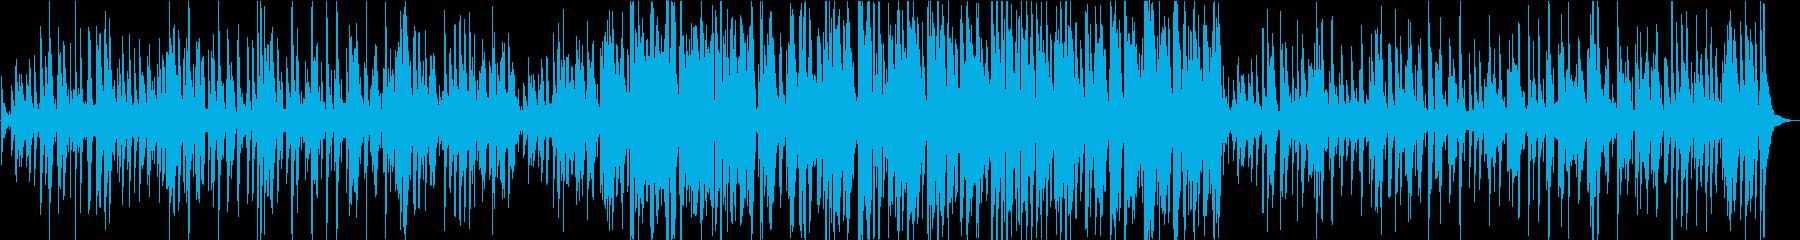 ピアノドラムベースのトラッドジャズの再生済みの波形